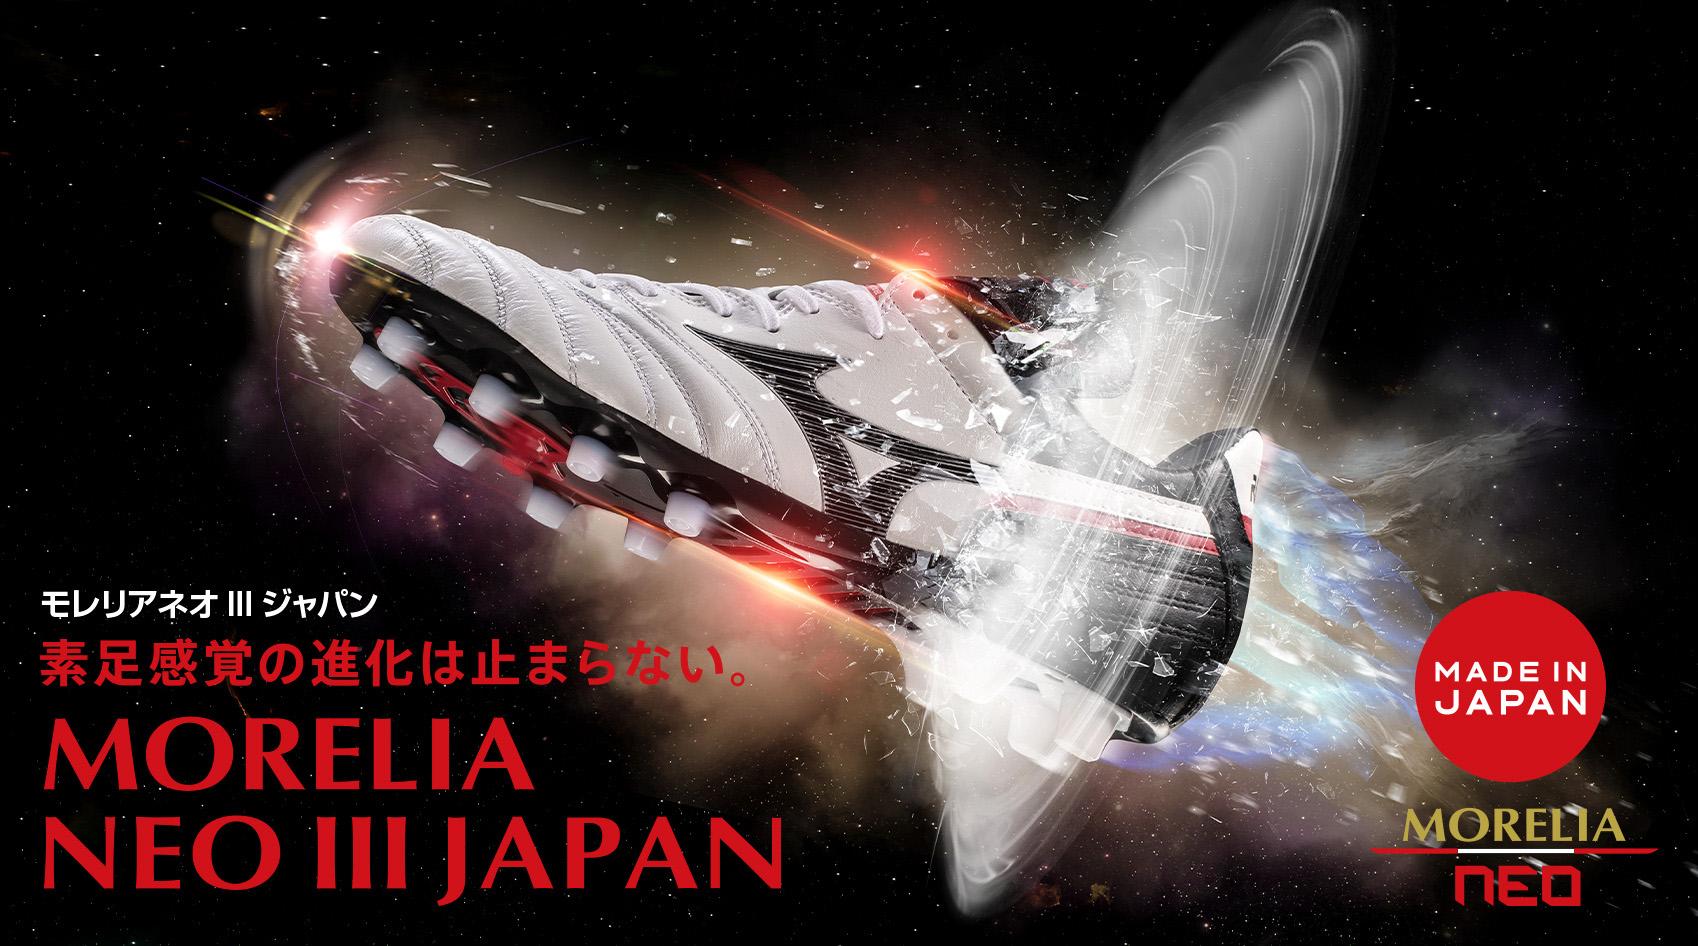 モレリアネオIIIジャパン 素足感覚の進化は止まらない。 MORELIA NEO III JAPAN